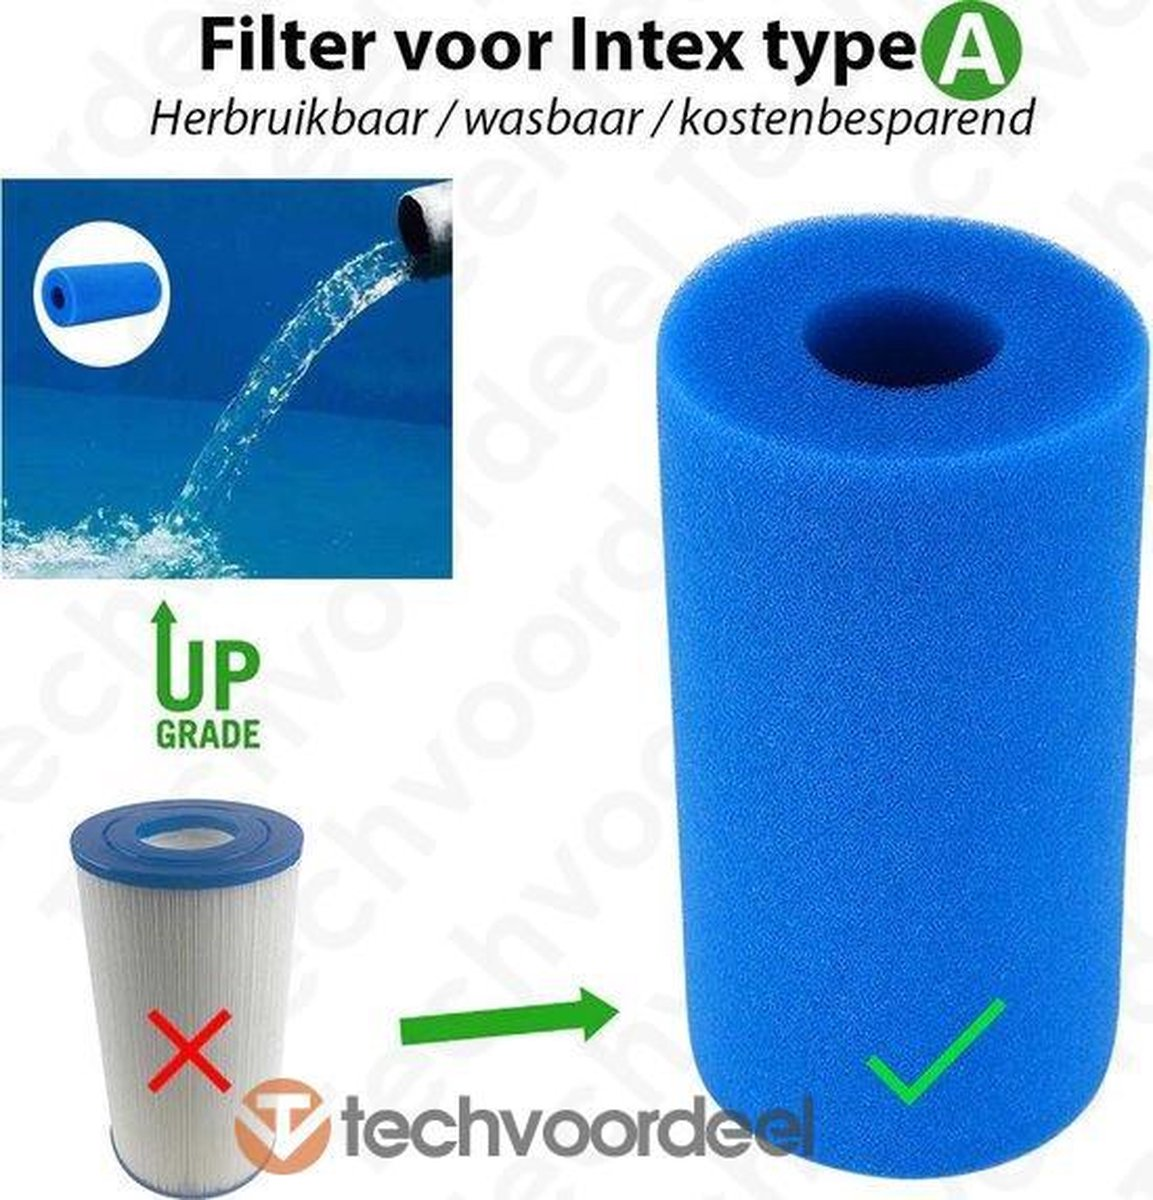 Intex Zwembad Filter Type A - Herbruikbaar en Uitwasbaar - Voor Intex Zwembaden